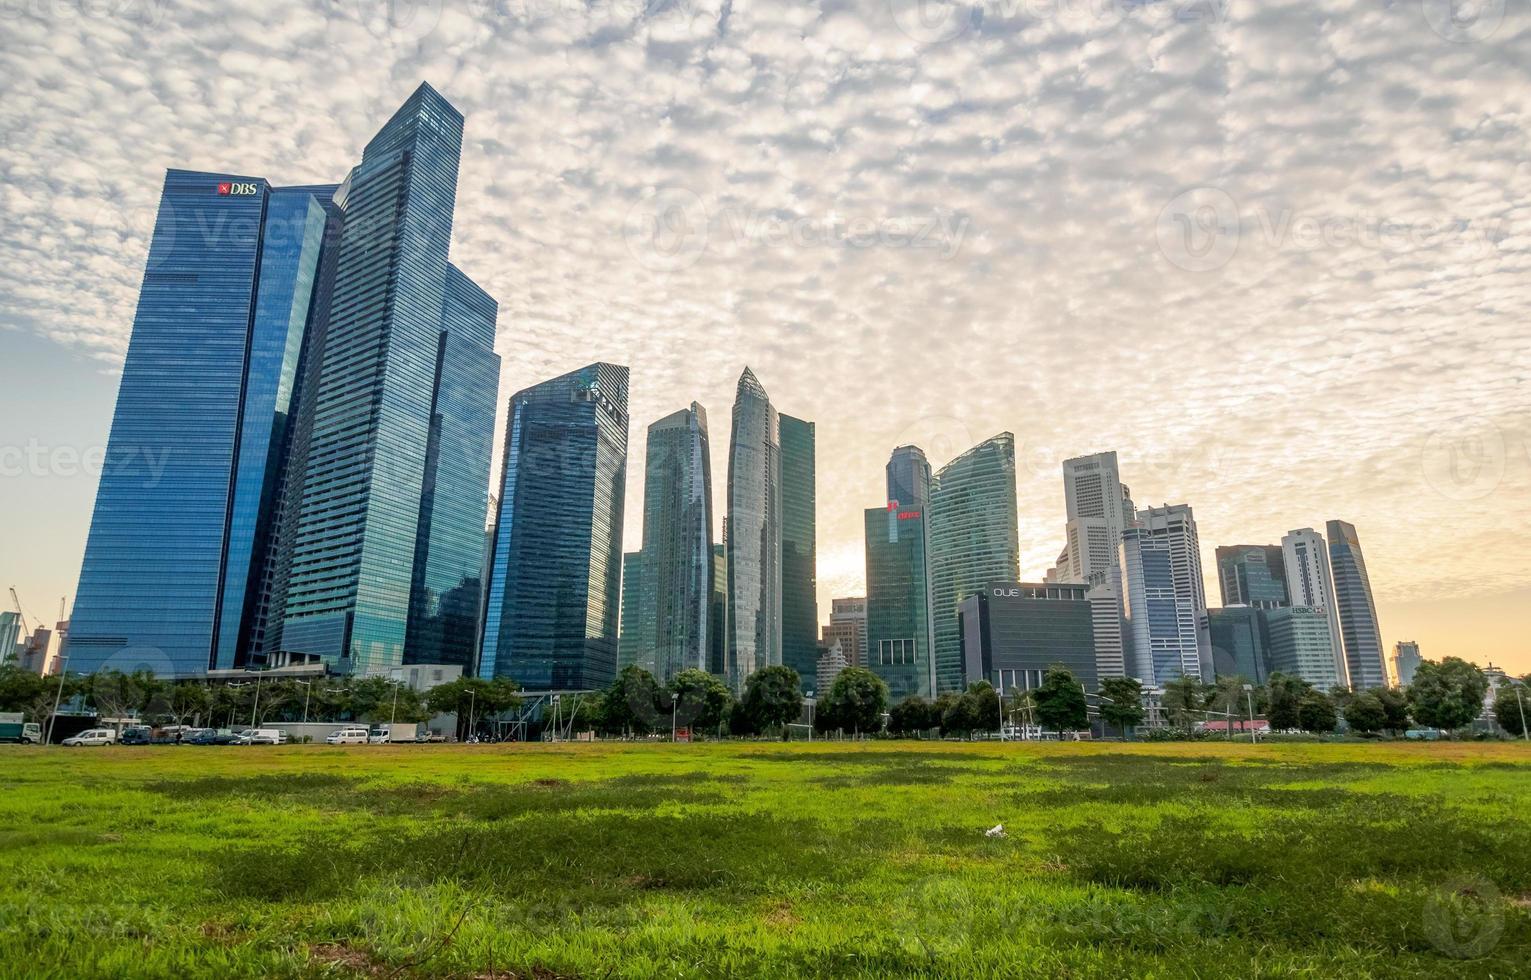 Singapura - 20 de junho de 2014: edifícios no horizonte de Singapura foto